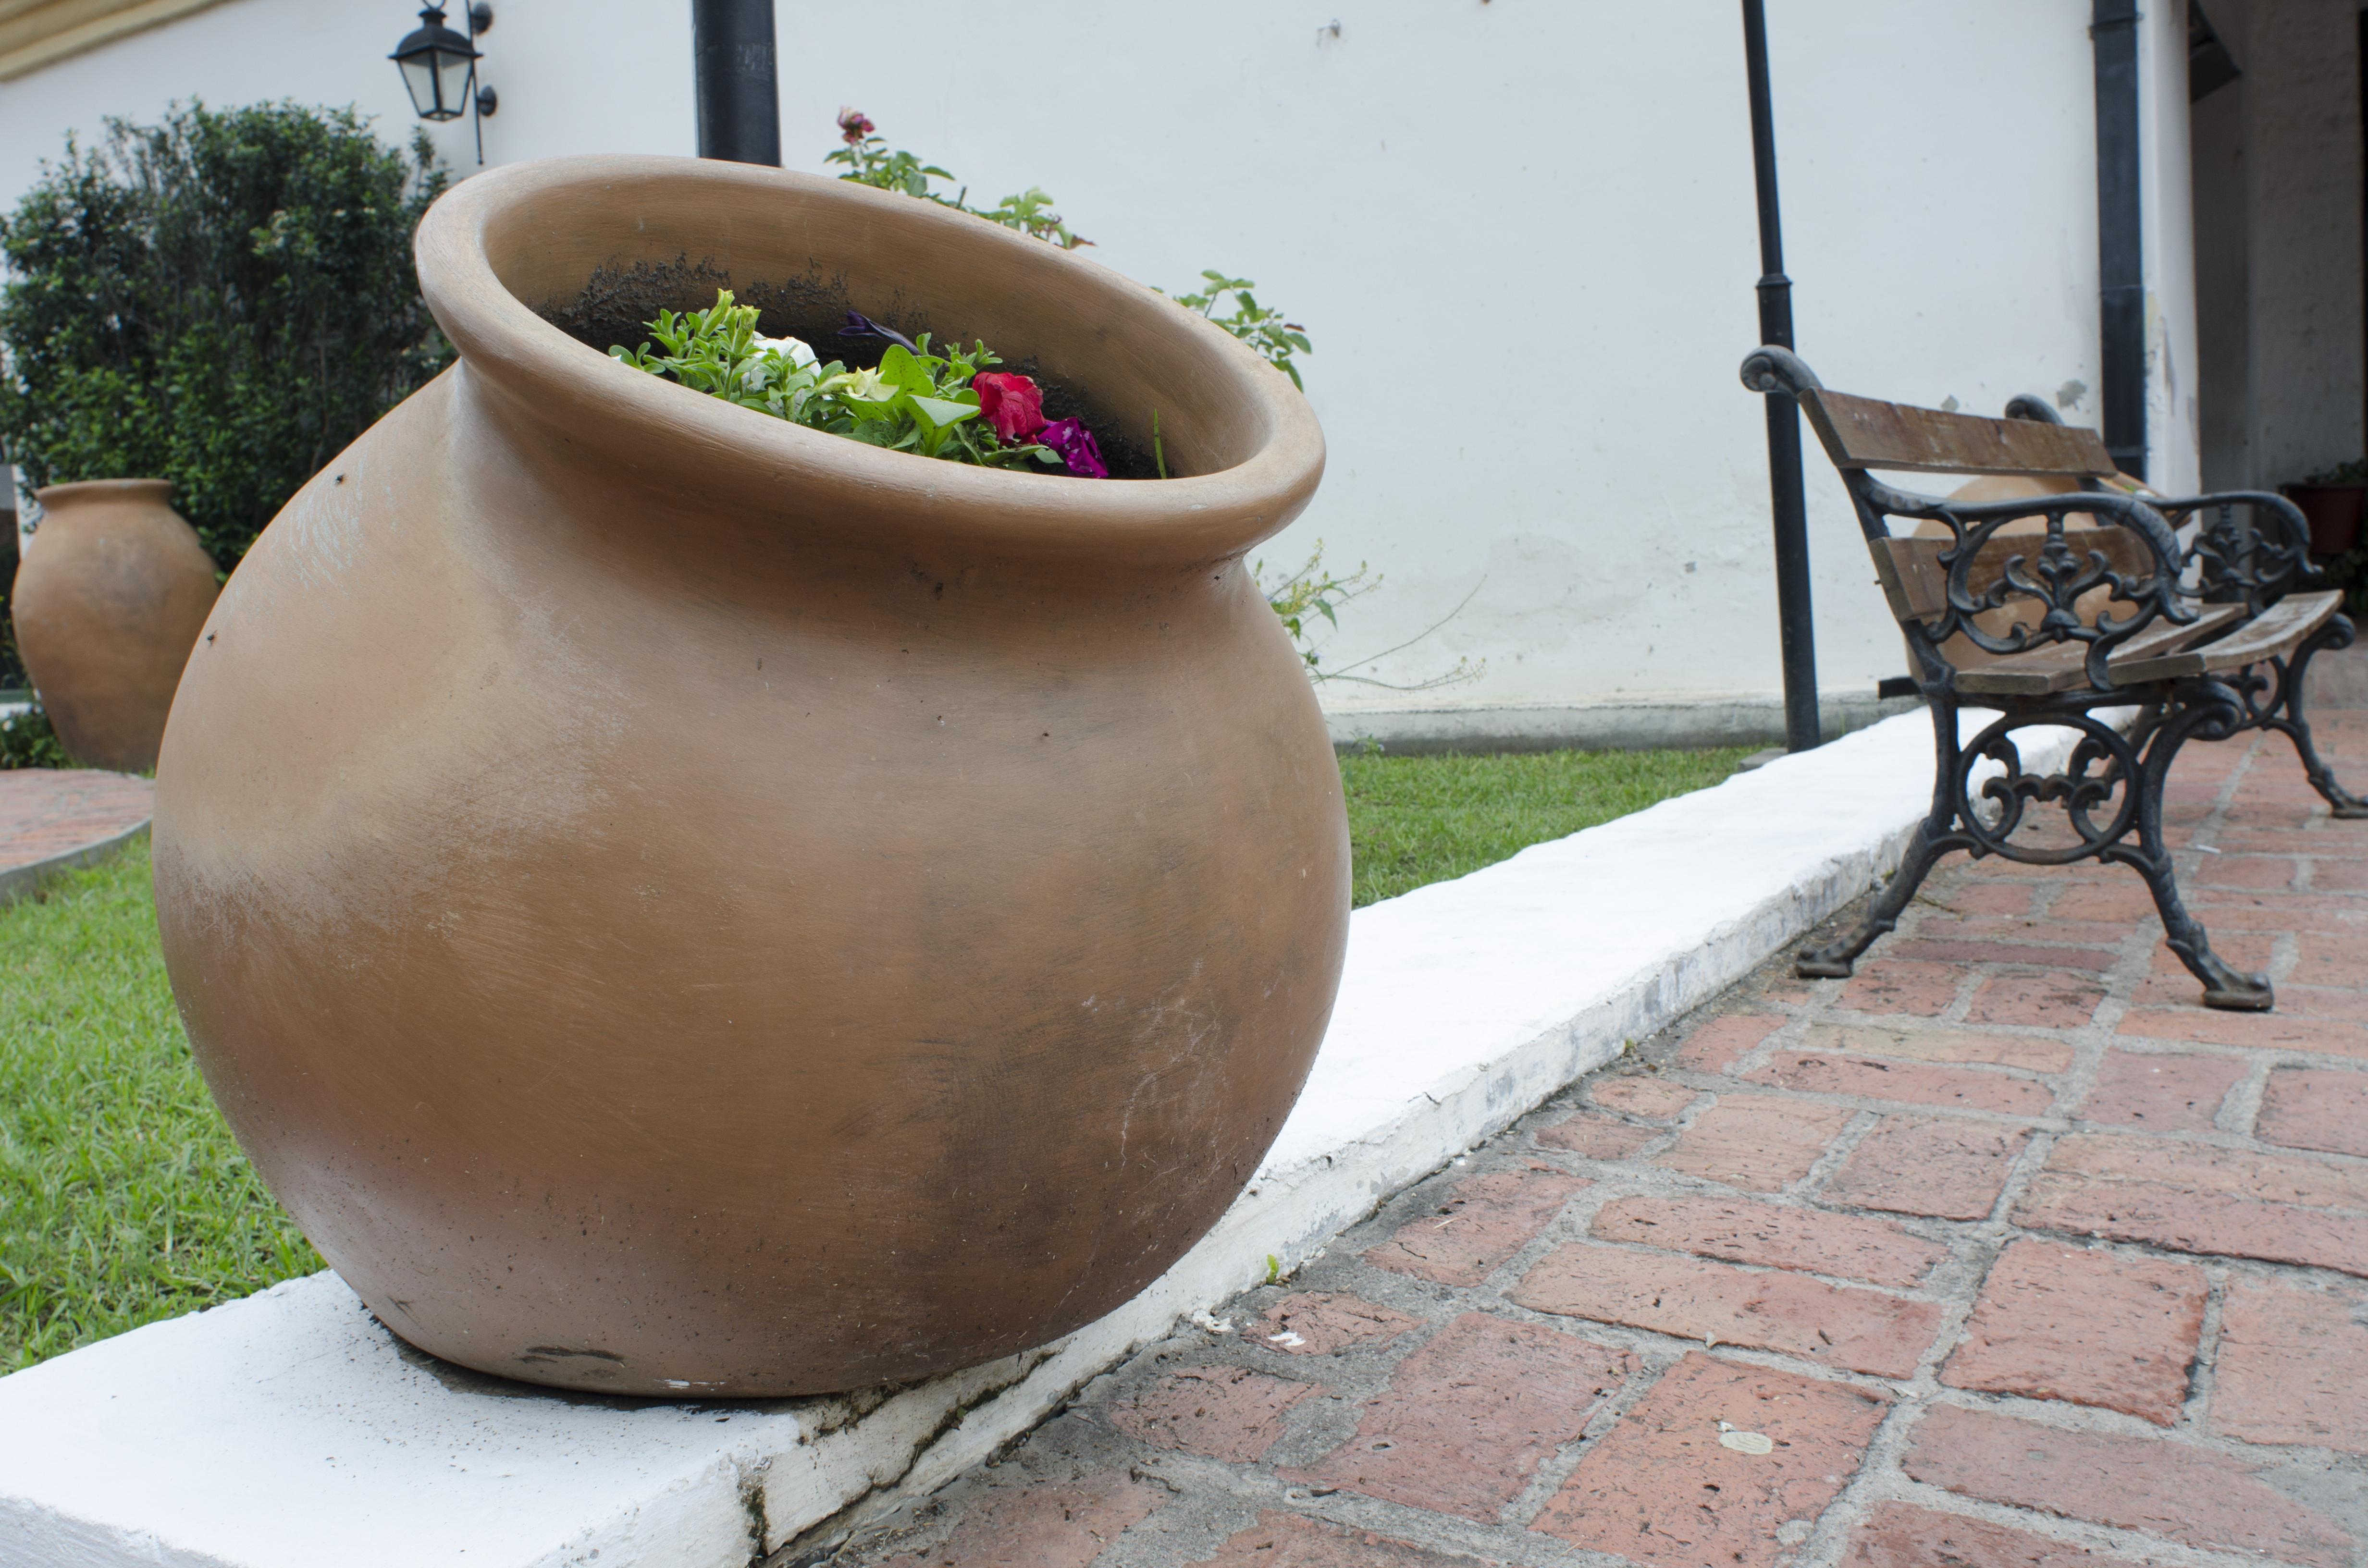 Fotos gratis rueda cer mico patio interior jard n for Ceramica patios fotos